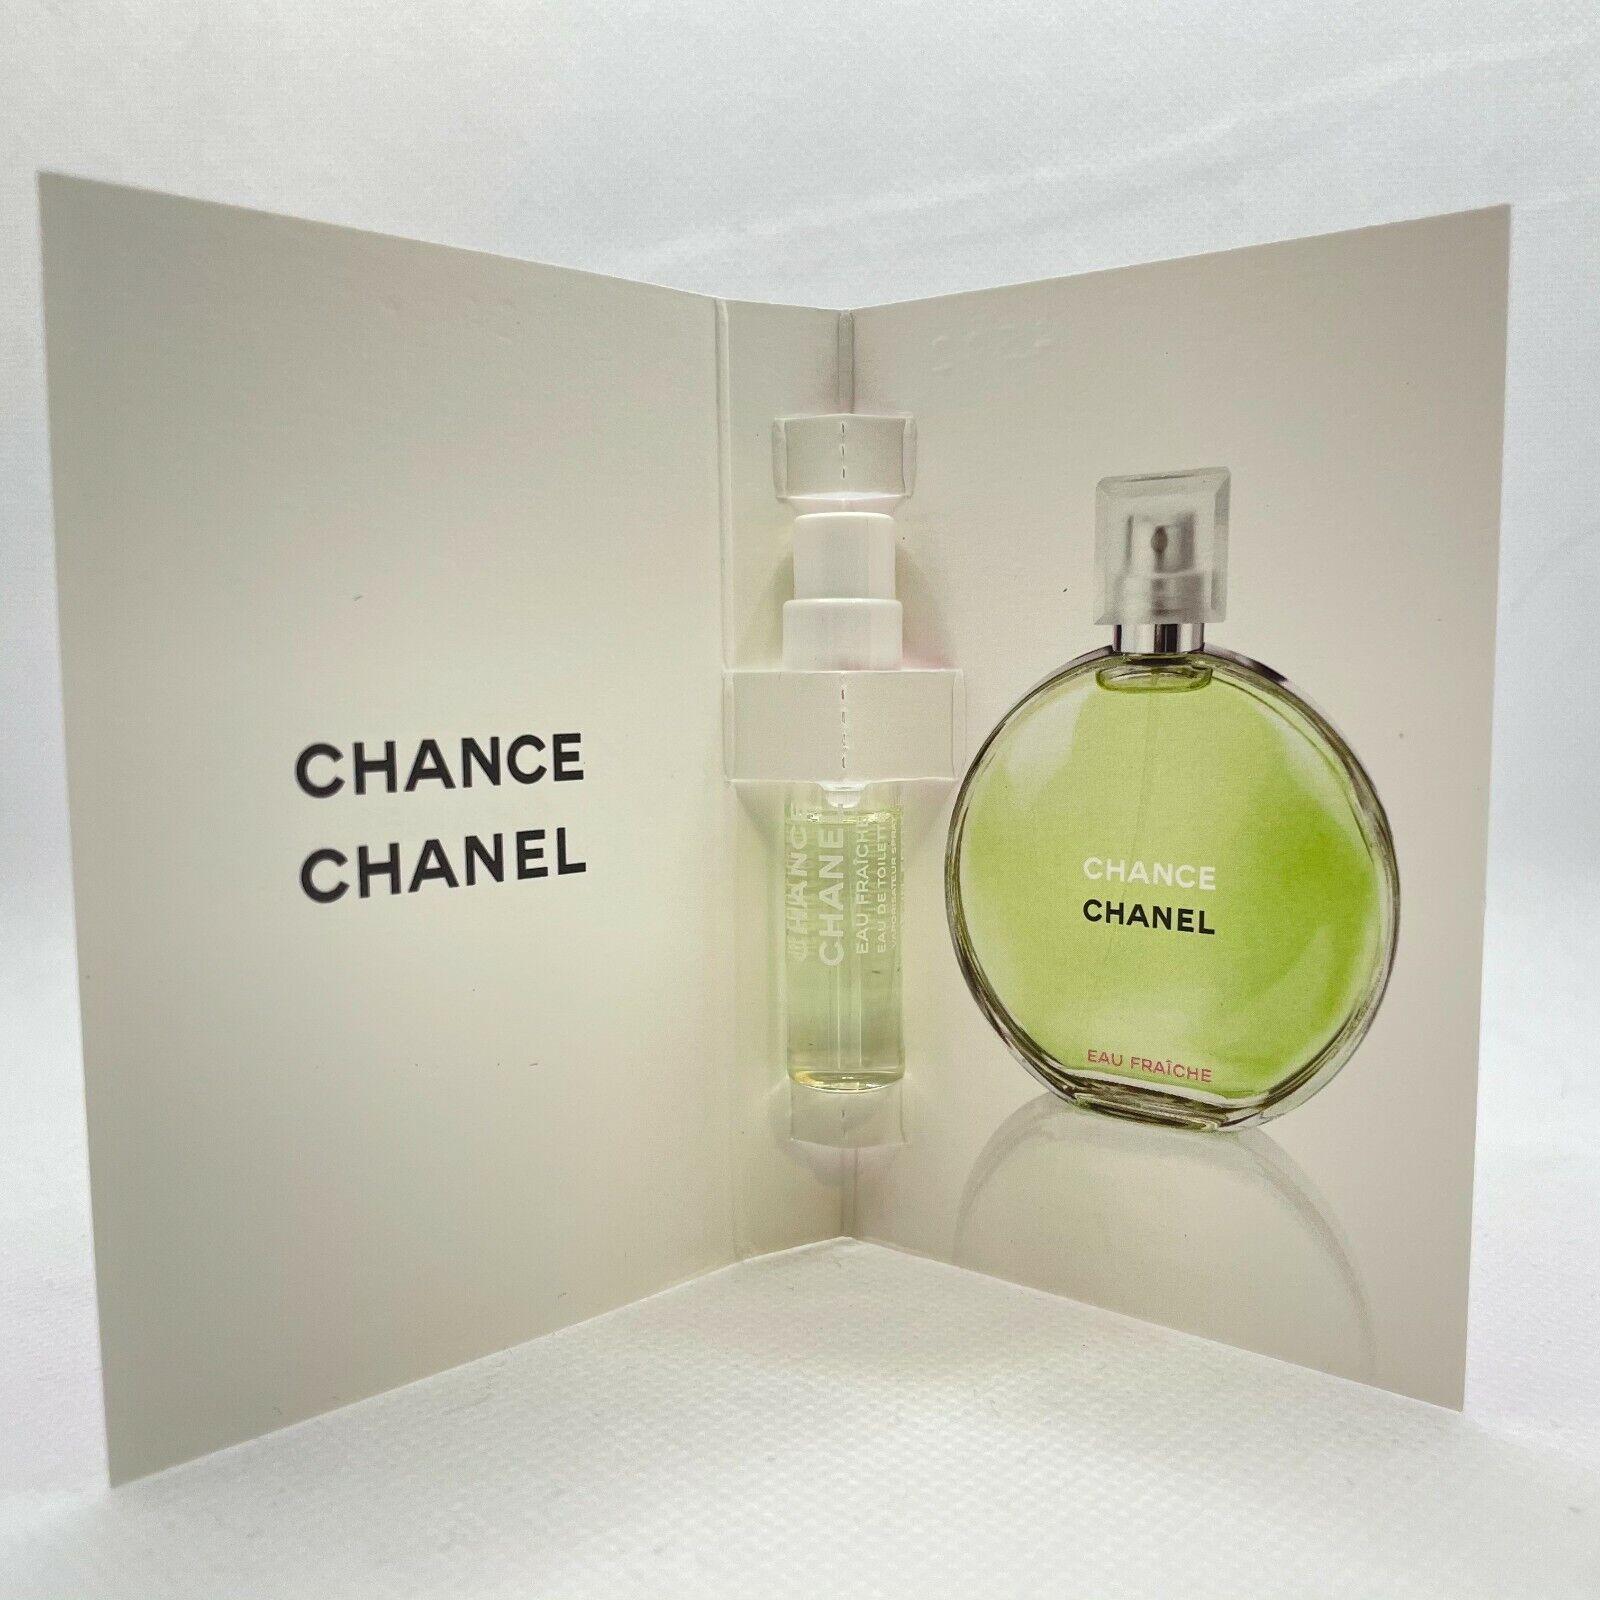 1PK3PK Chanel Chance Eau EDT Fraiche Sample Spray 15ml 005oz each